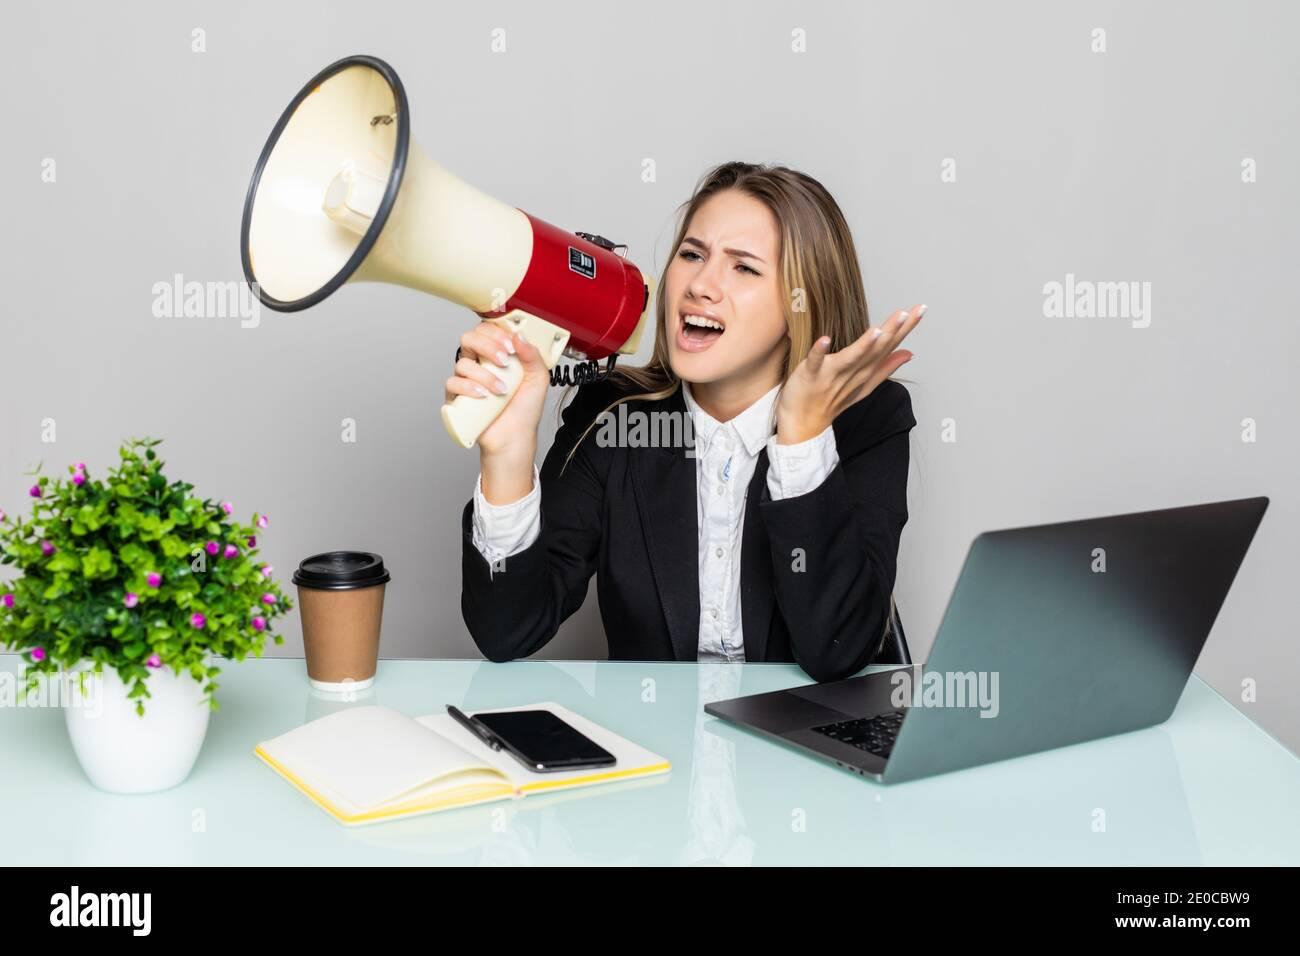 Angry businesswoman yelling avec haut-parleur de bureau Banque D'Images